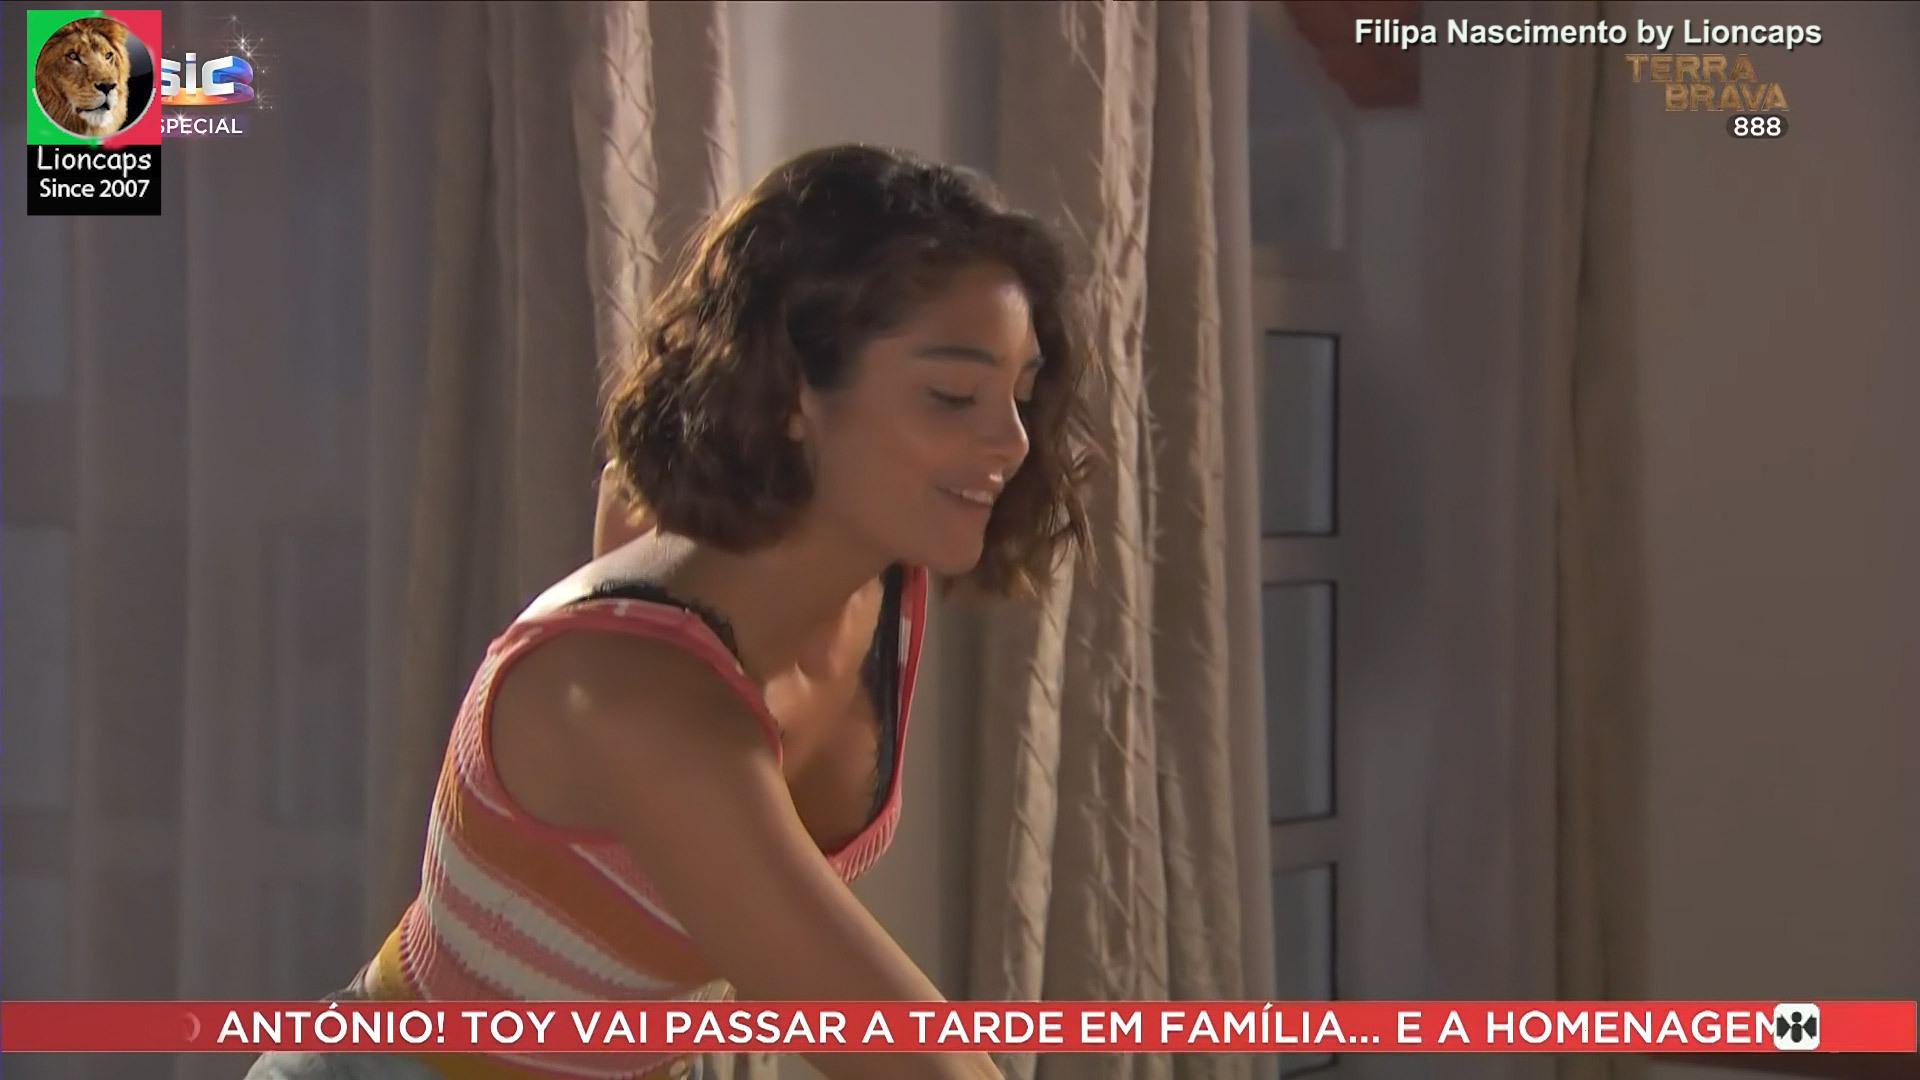 filipa_nascimento_terra_brava_lioncaps_01_12_2020 (6).jpg